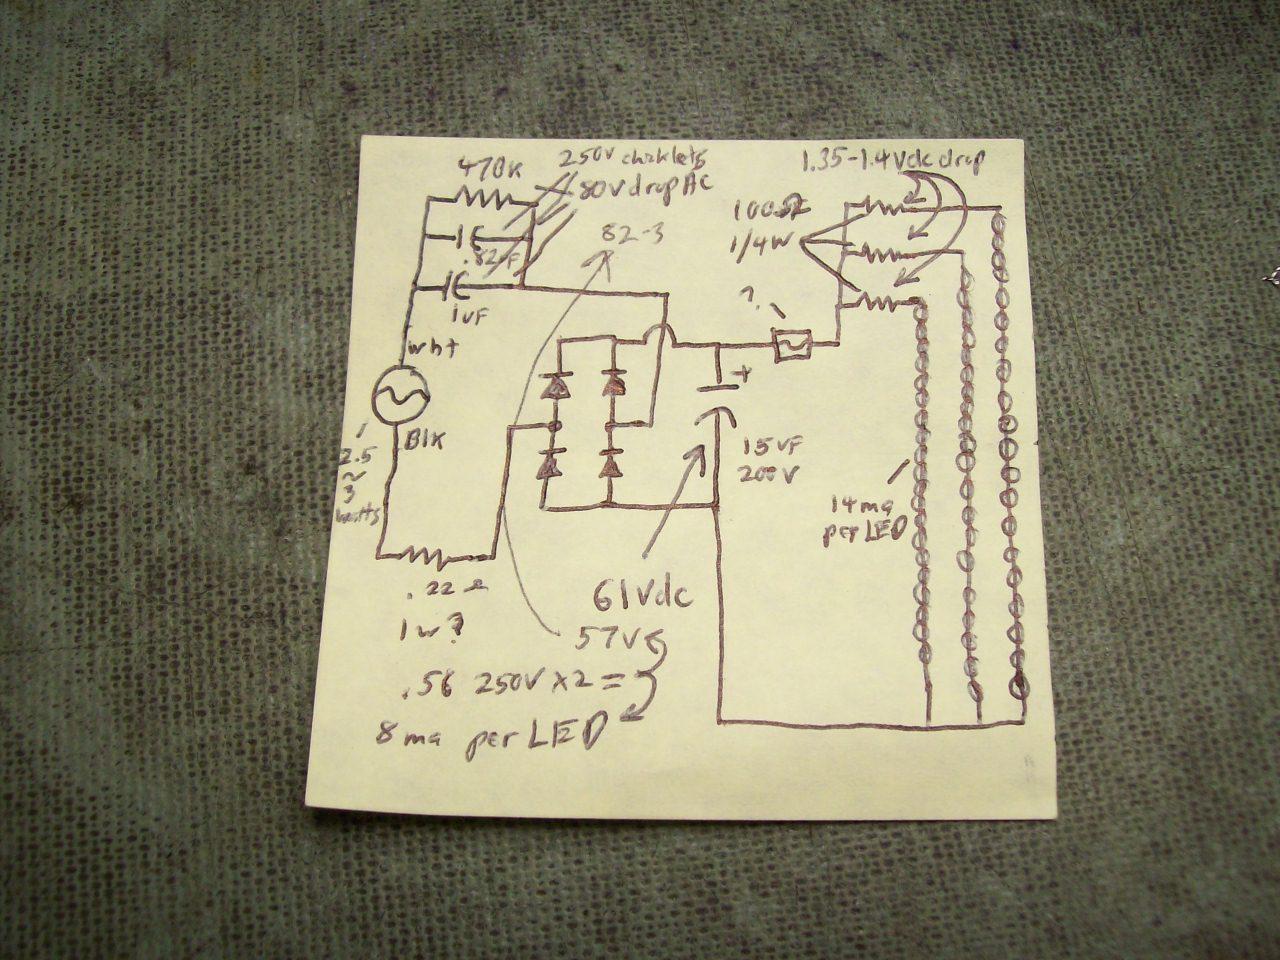 schematic-jpg.34872